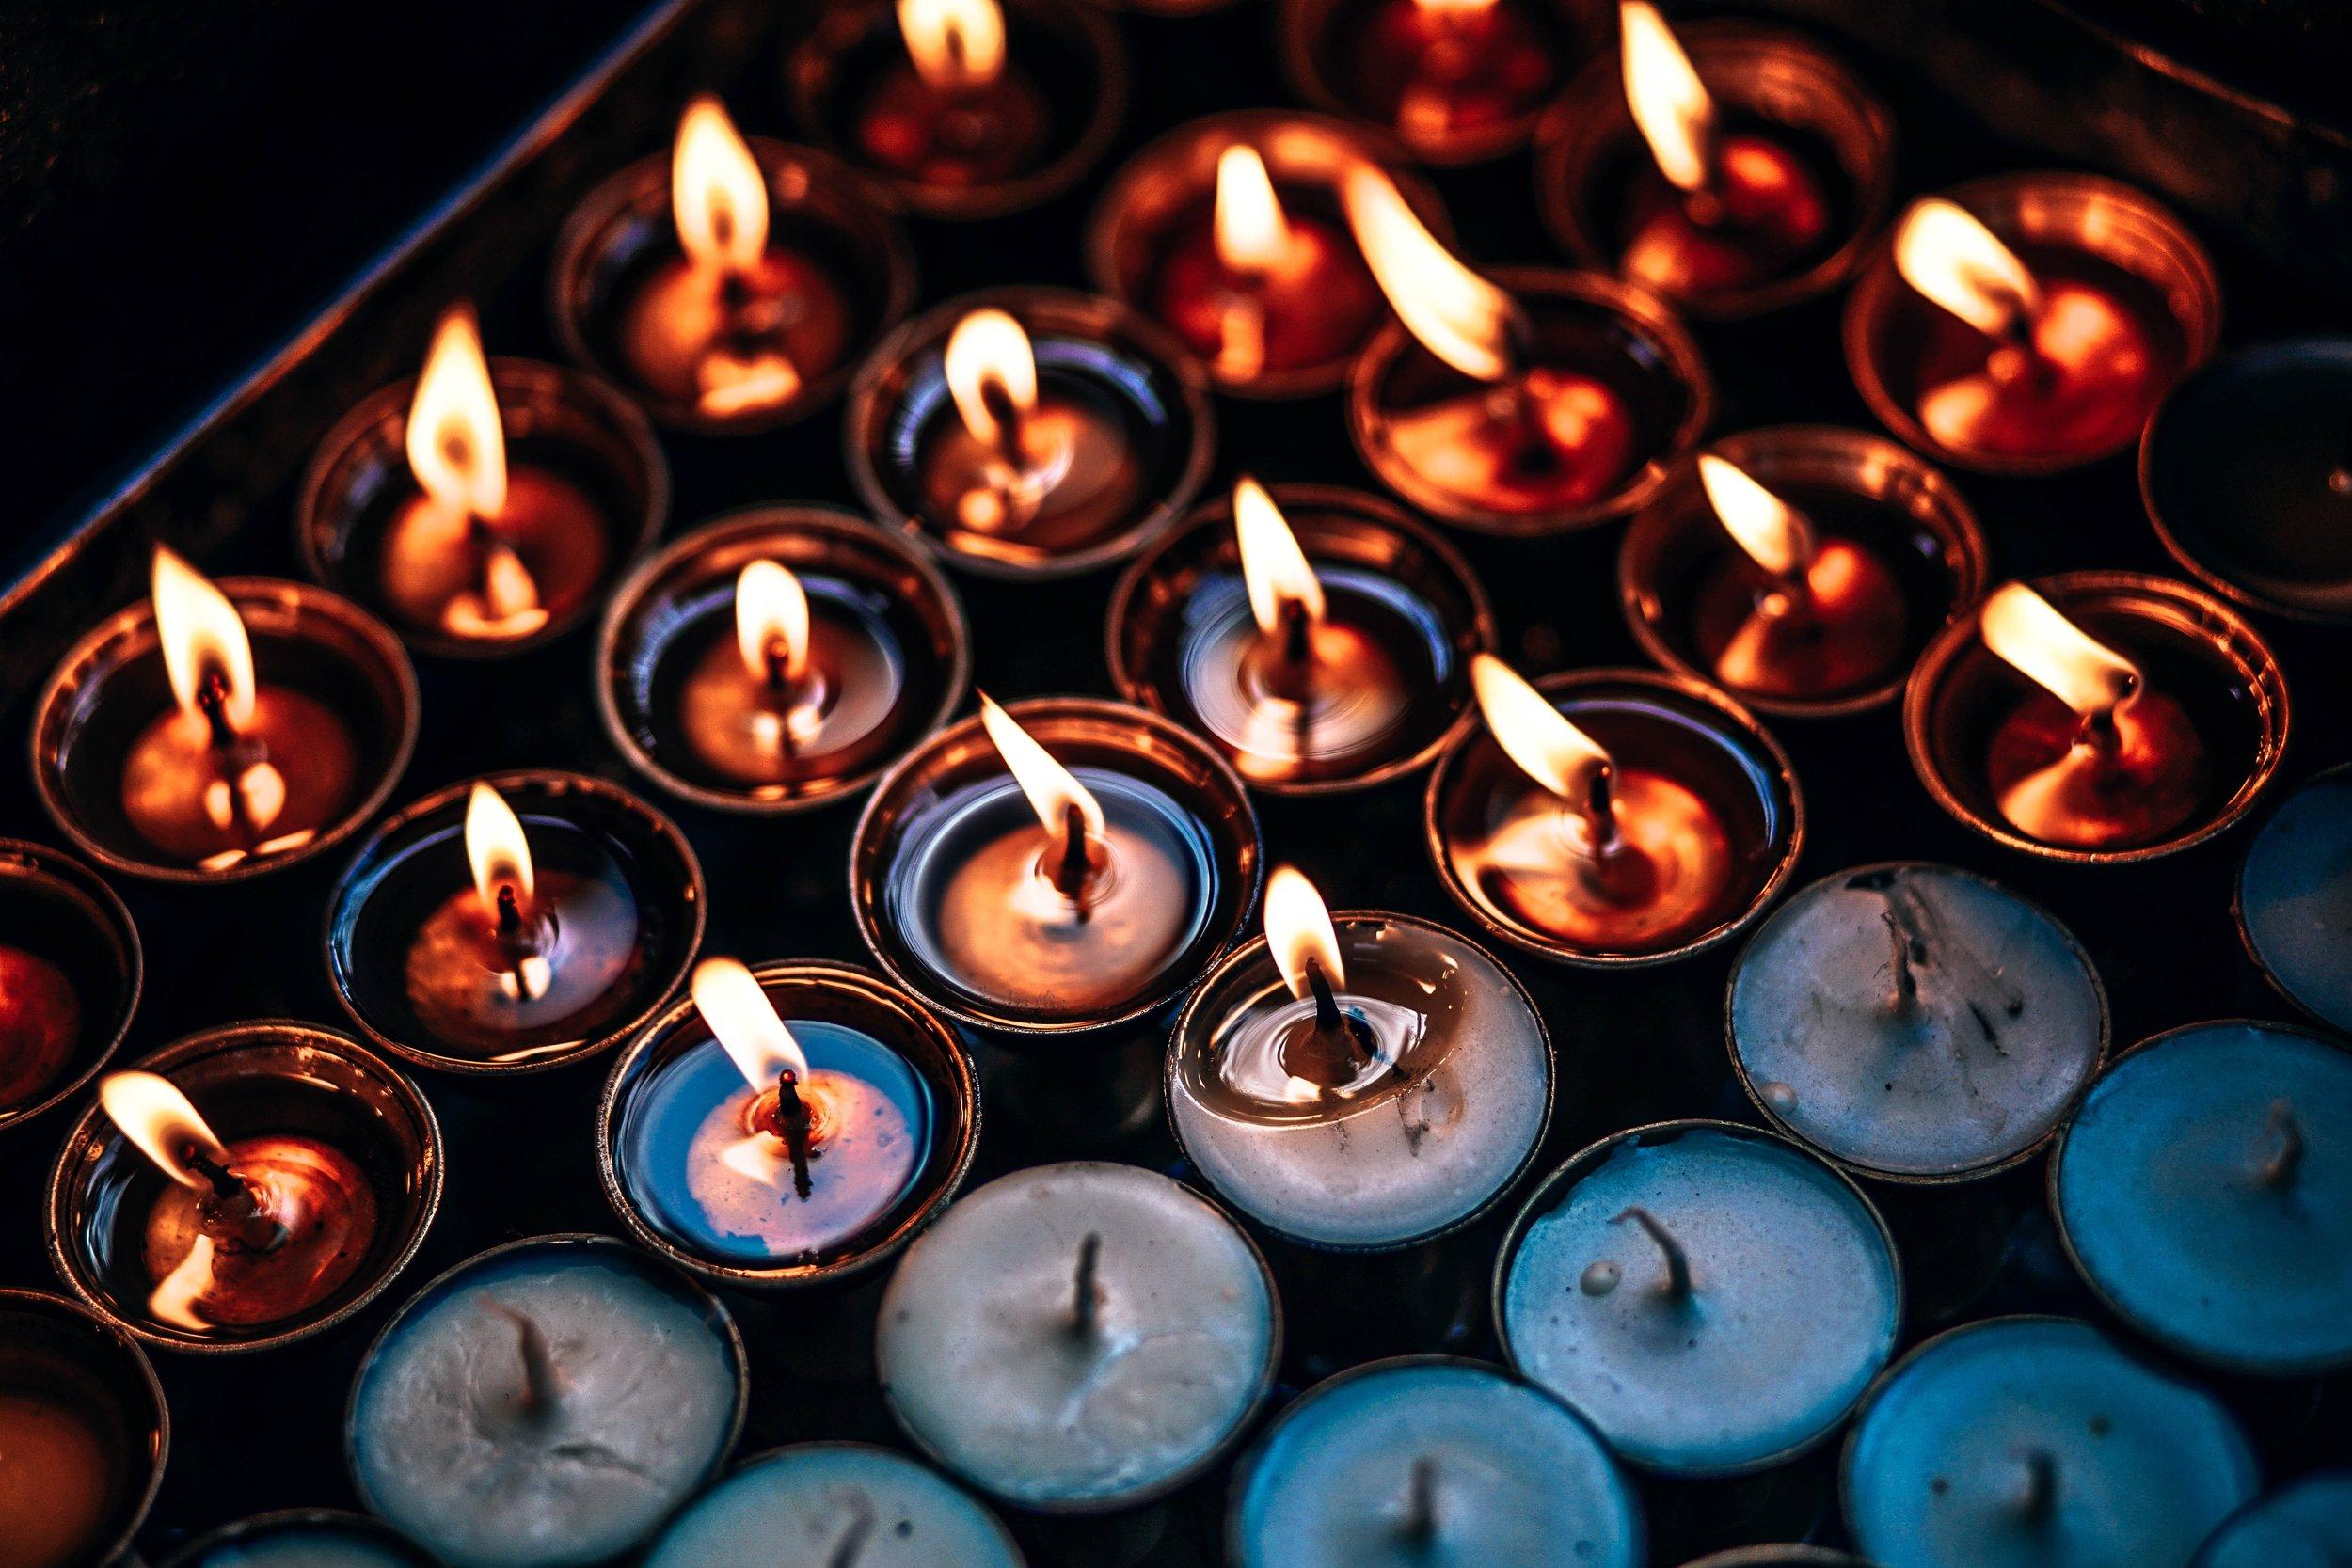 微弱的烛光照应了他们的心灵